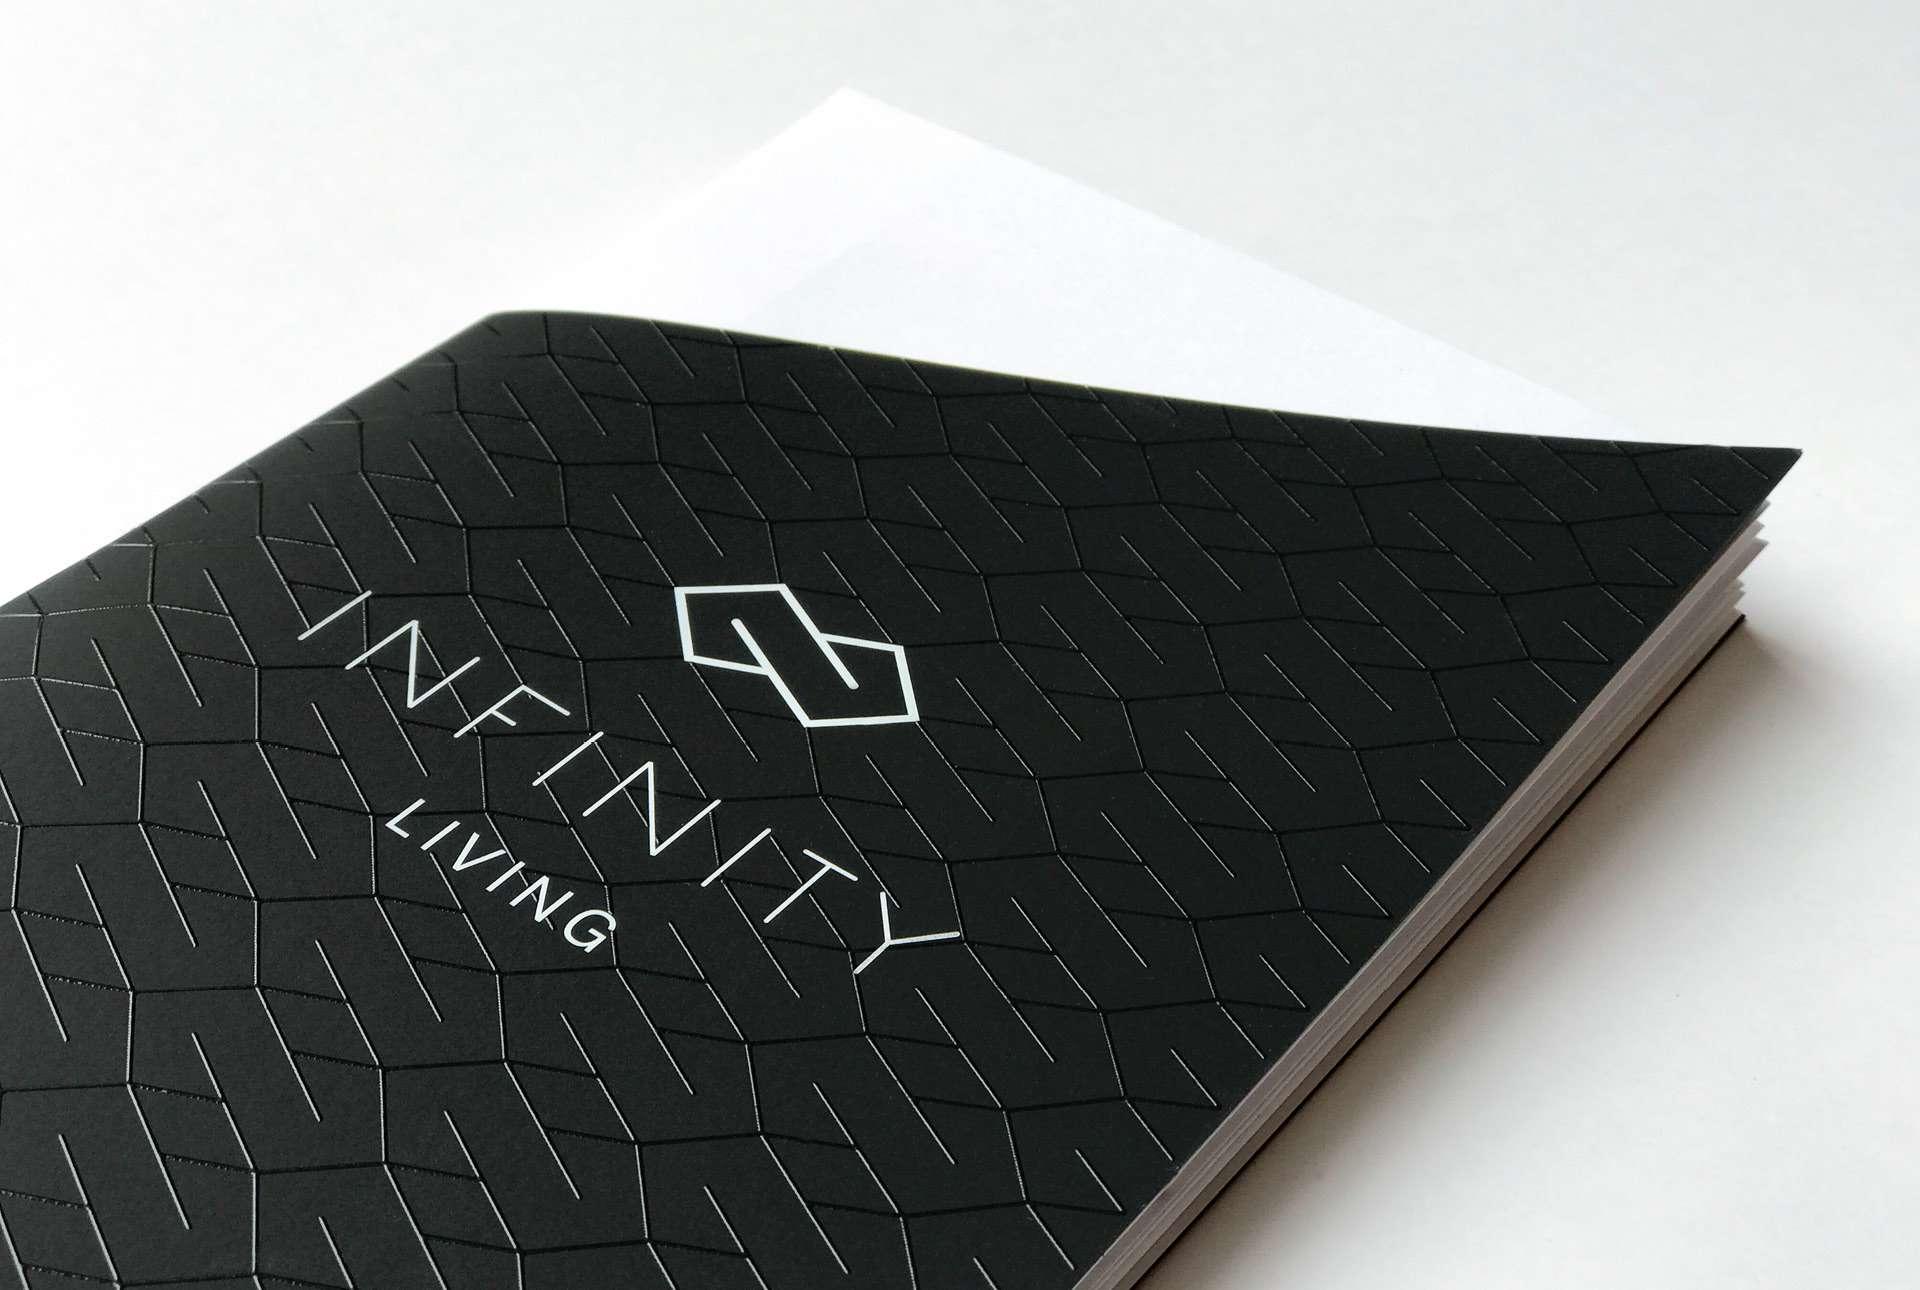 Une brochure dévoilant une identité visuelle sobre et chic, à l'image du projet immobilier